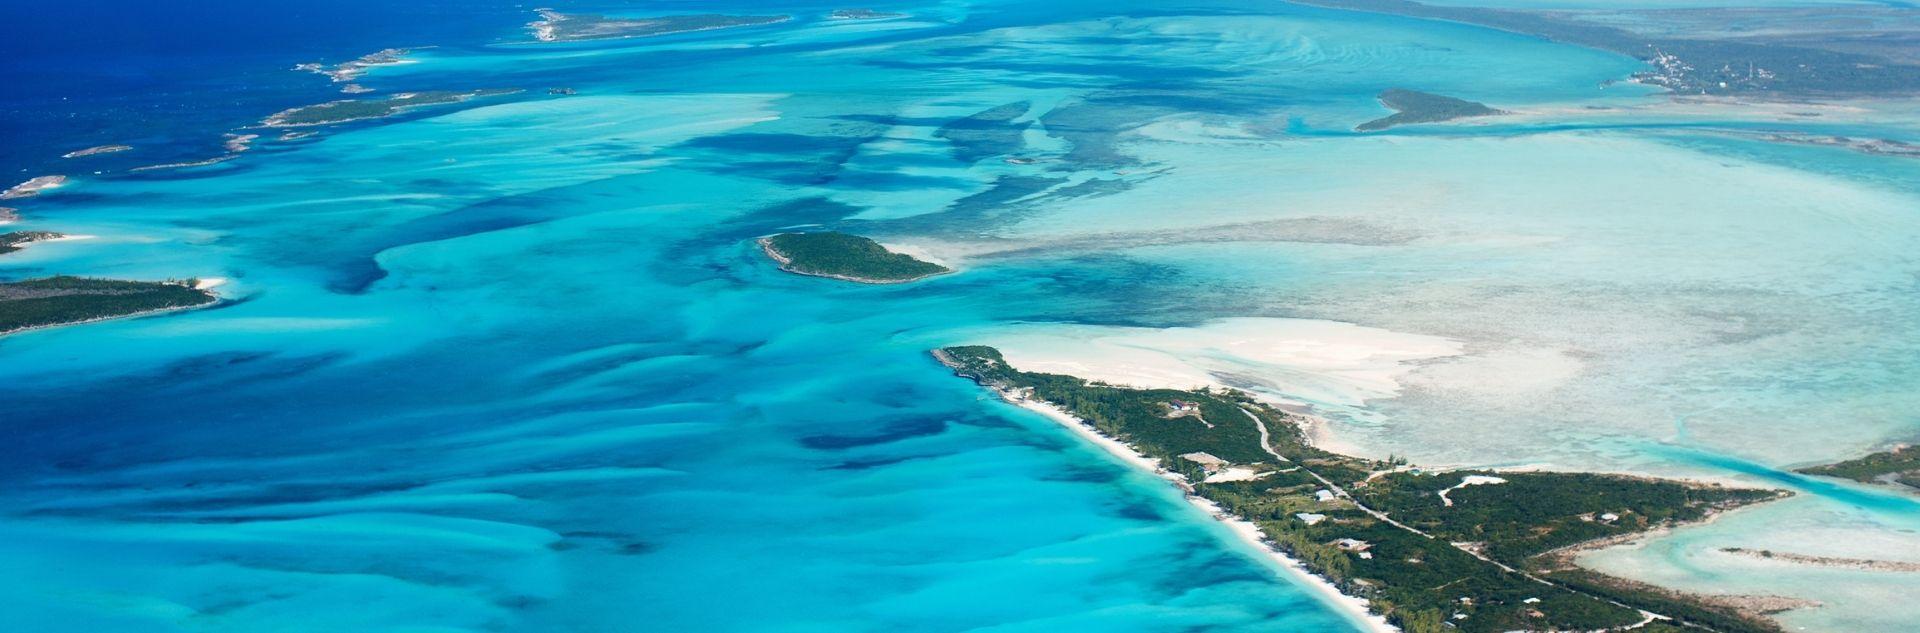 Bahamas Inseln von oben